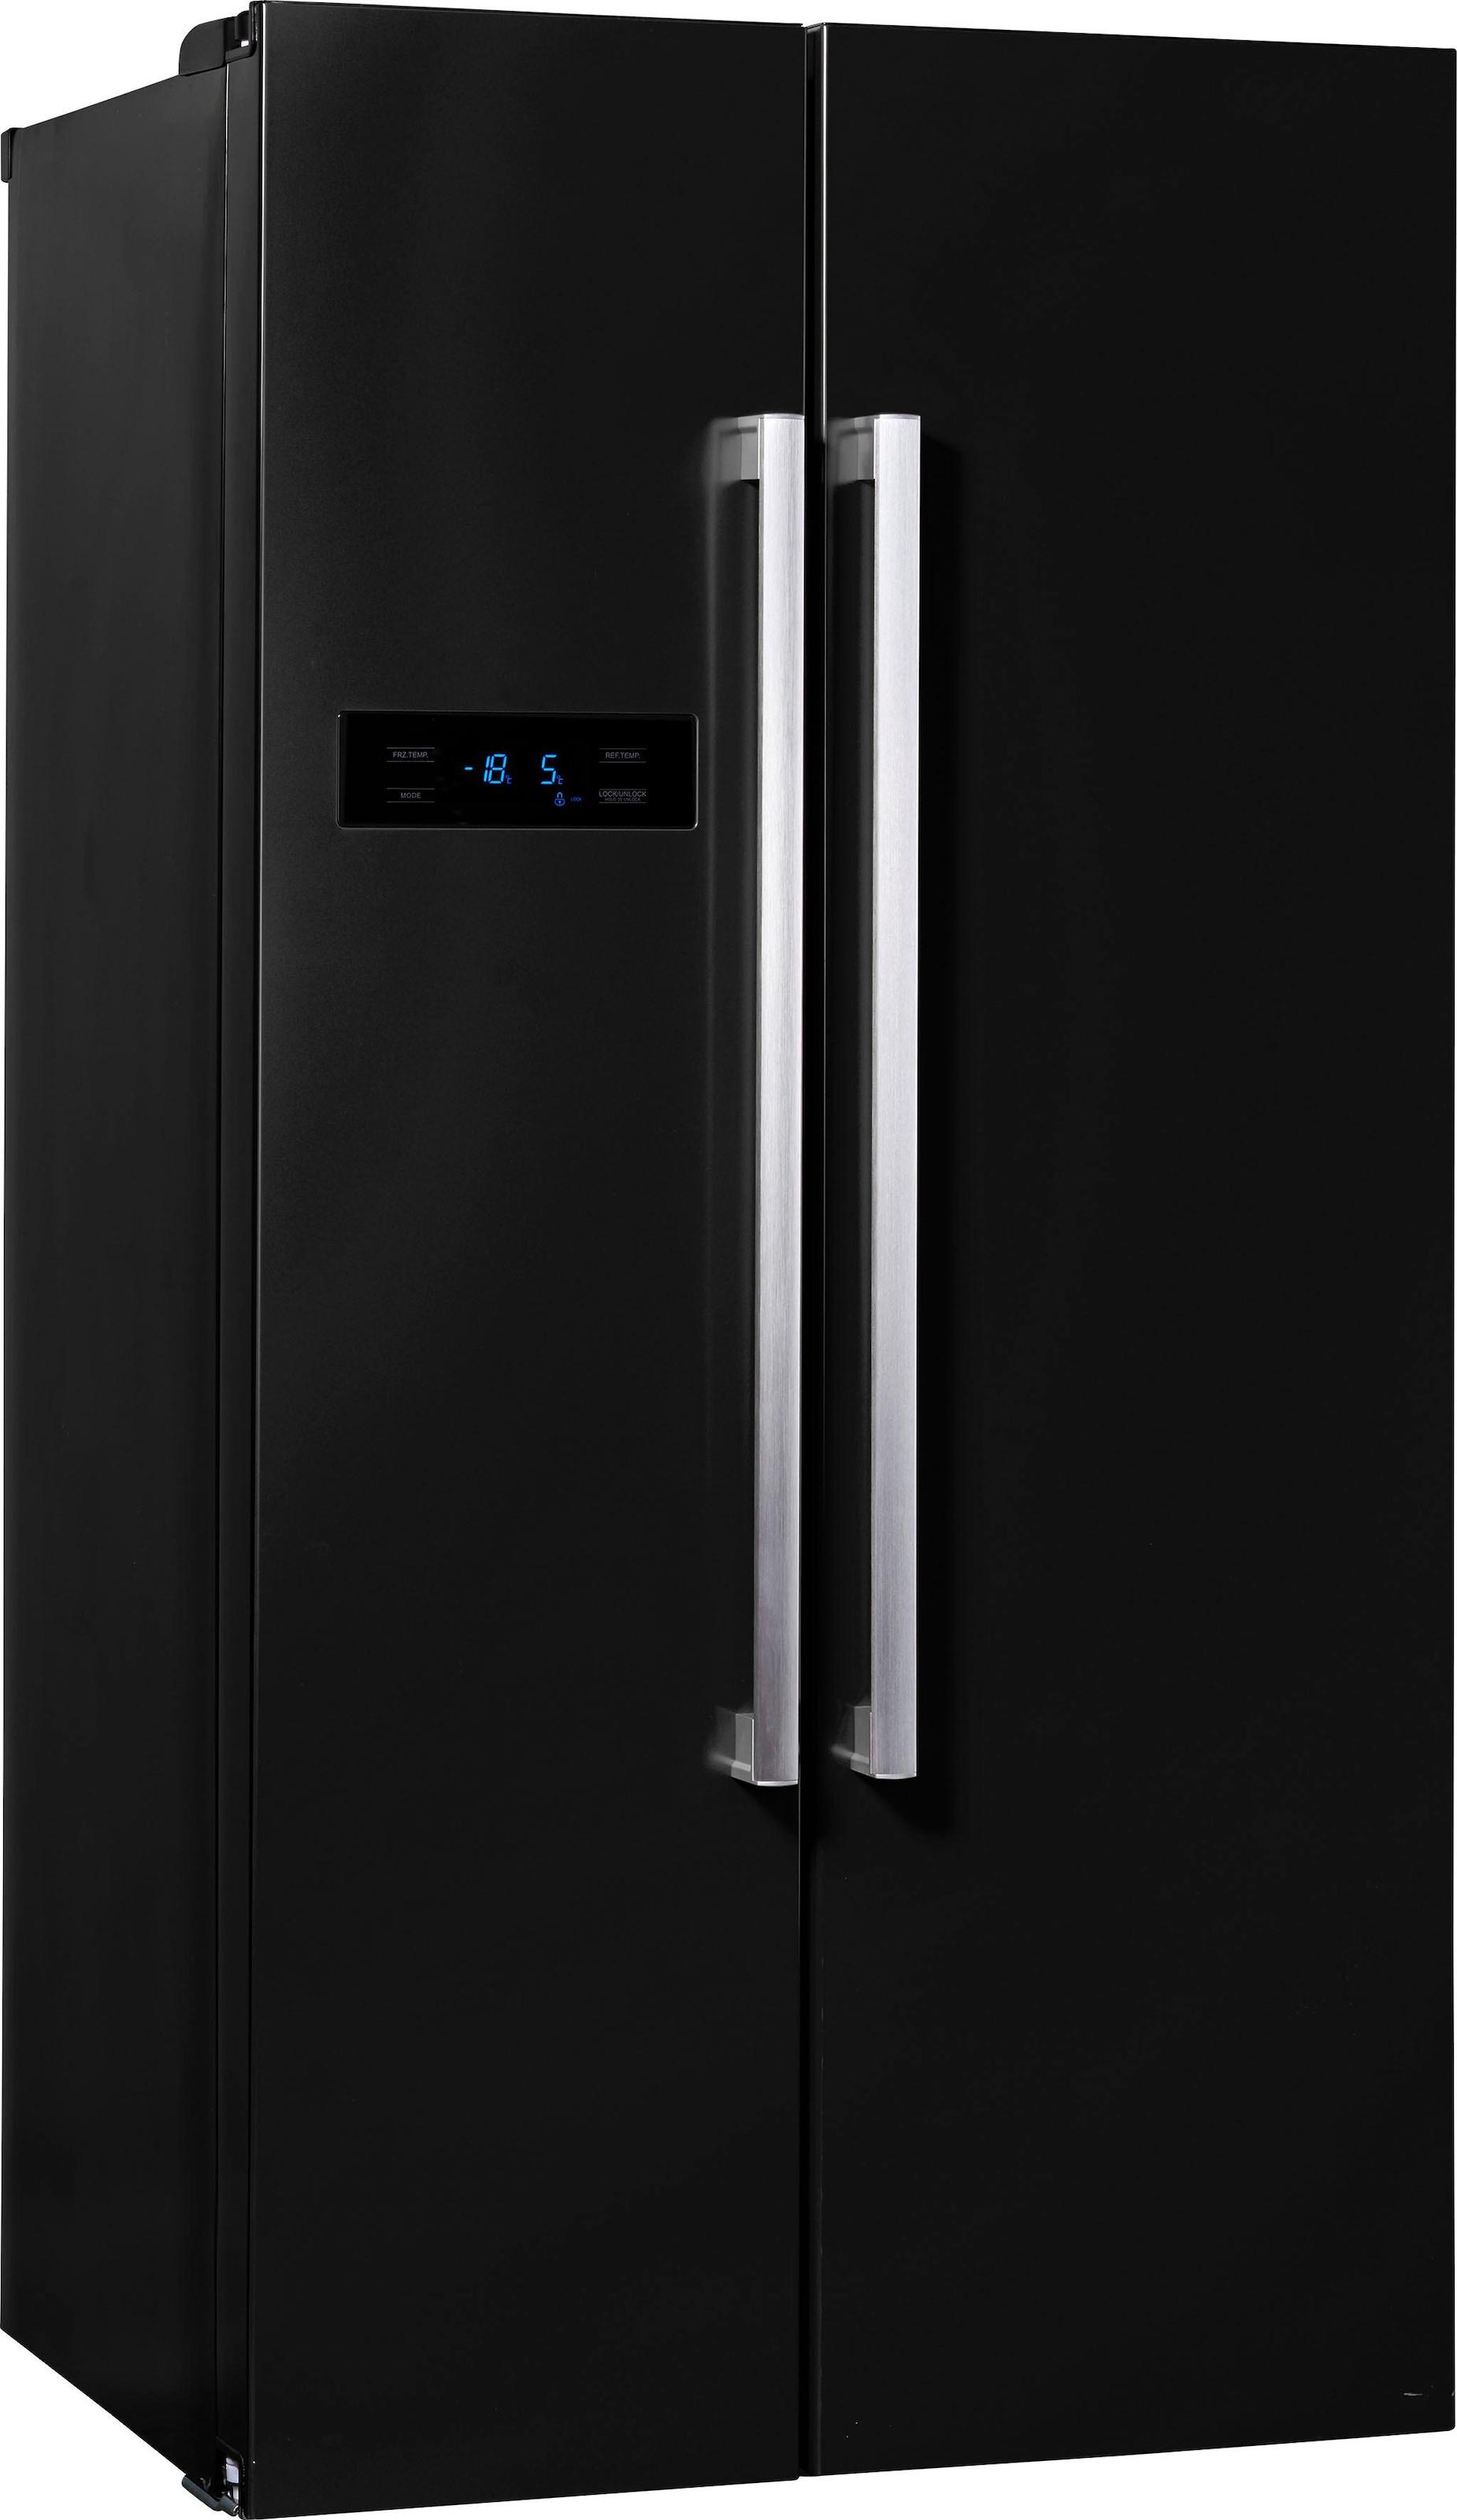 Amerikanischer Kühlschrank Edelstahl : Side by side kühlschrank auf rechnung raten kaufen